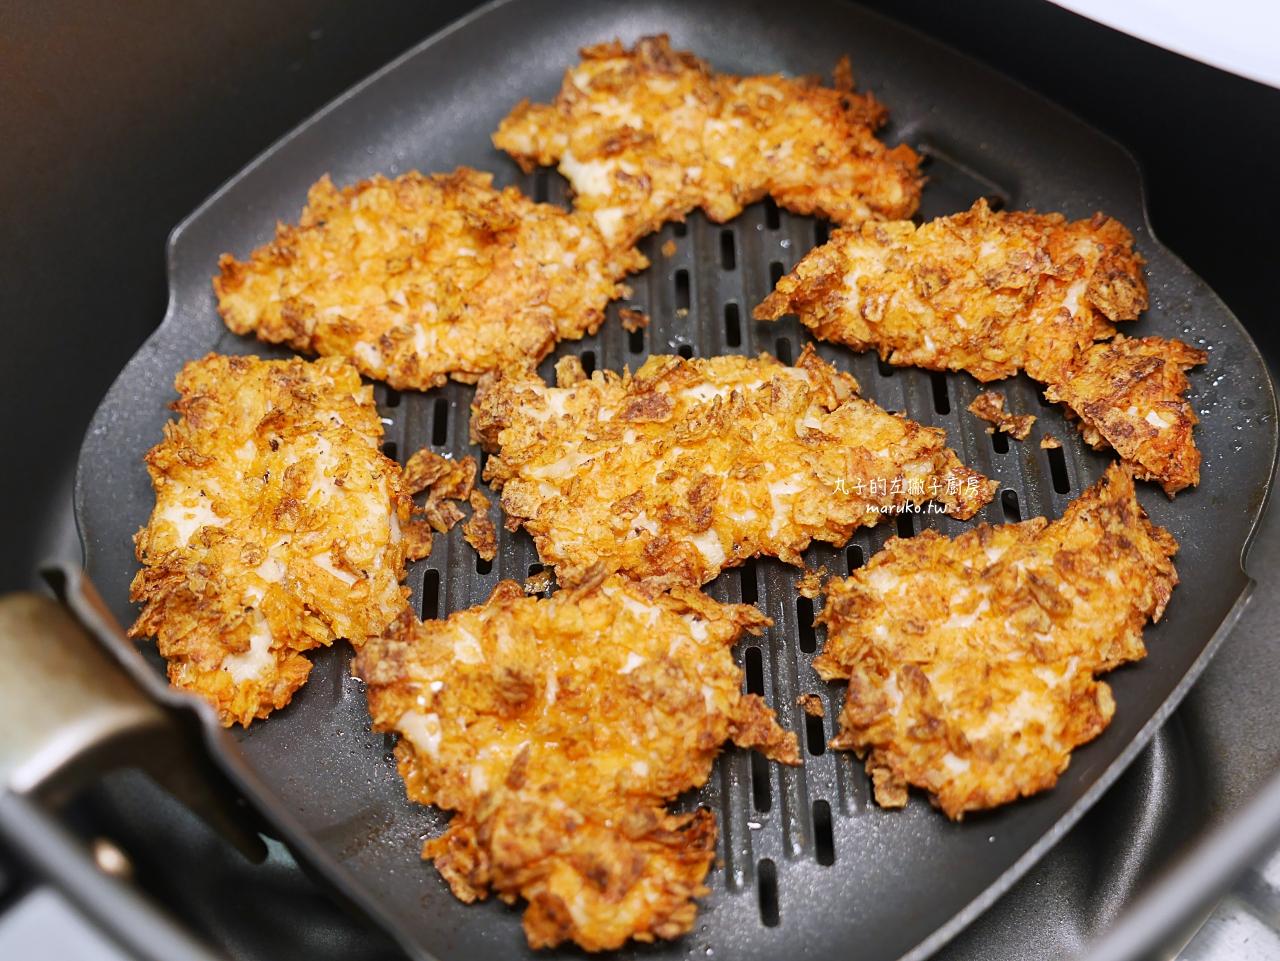 【食譜】起司玉米片炸雞 超簡單 快速炸雞做法 雞胸肉 免油炸氣炸鍋食譜 @Maruko與美食有個約會